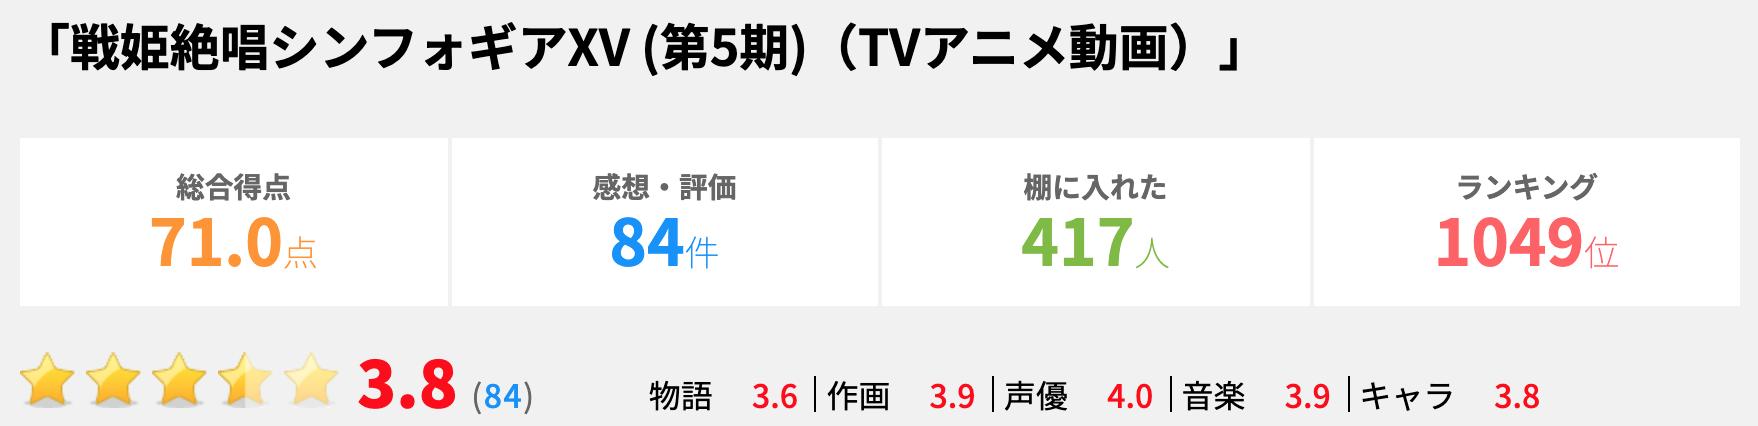 動画 シンフォギア xv